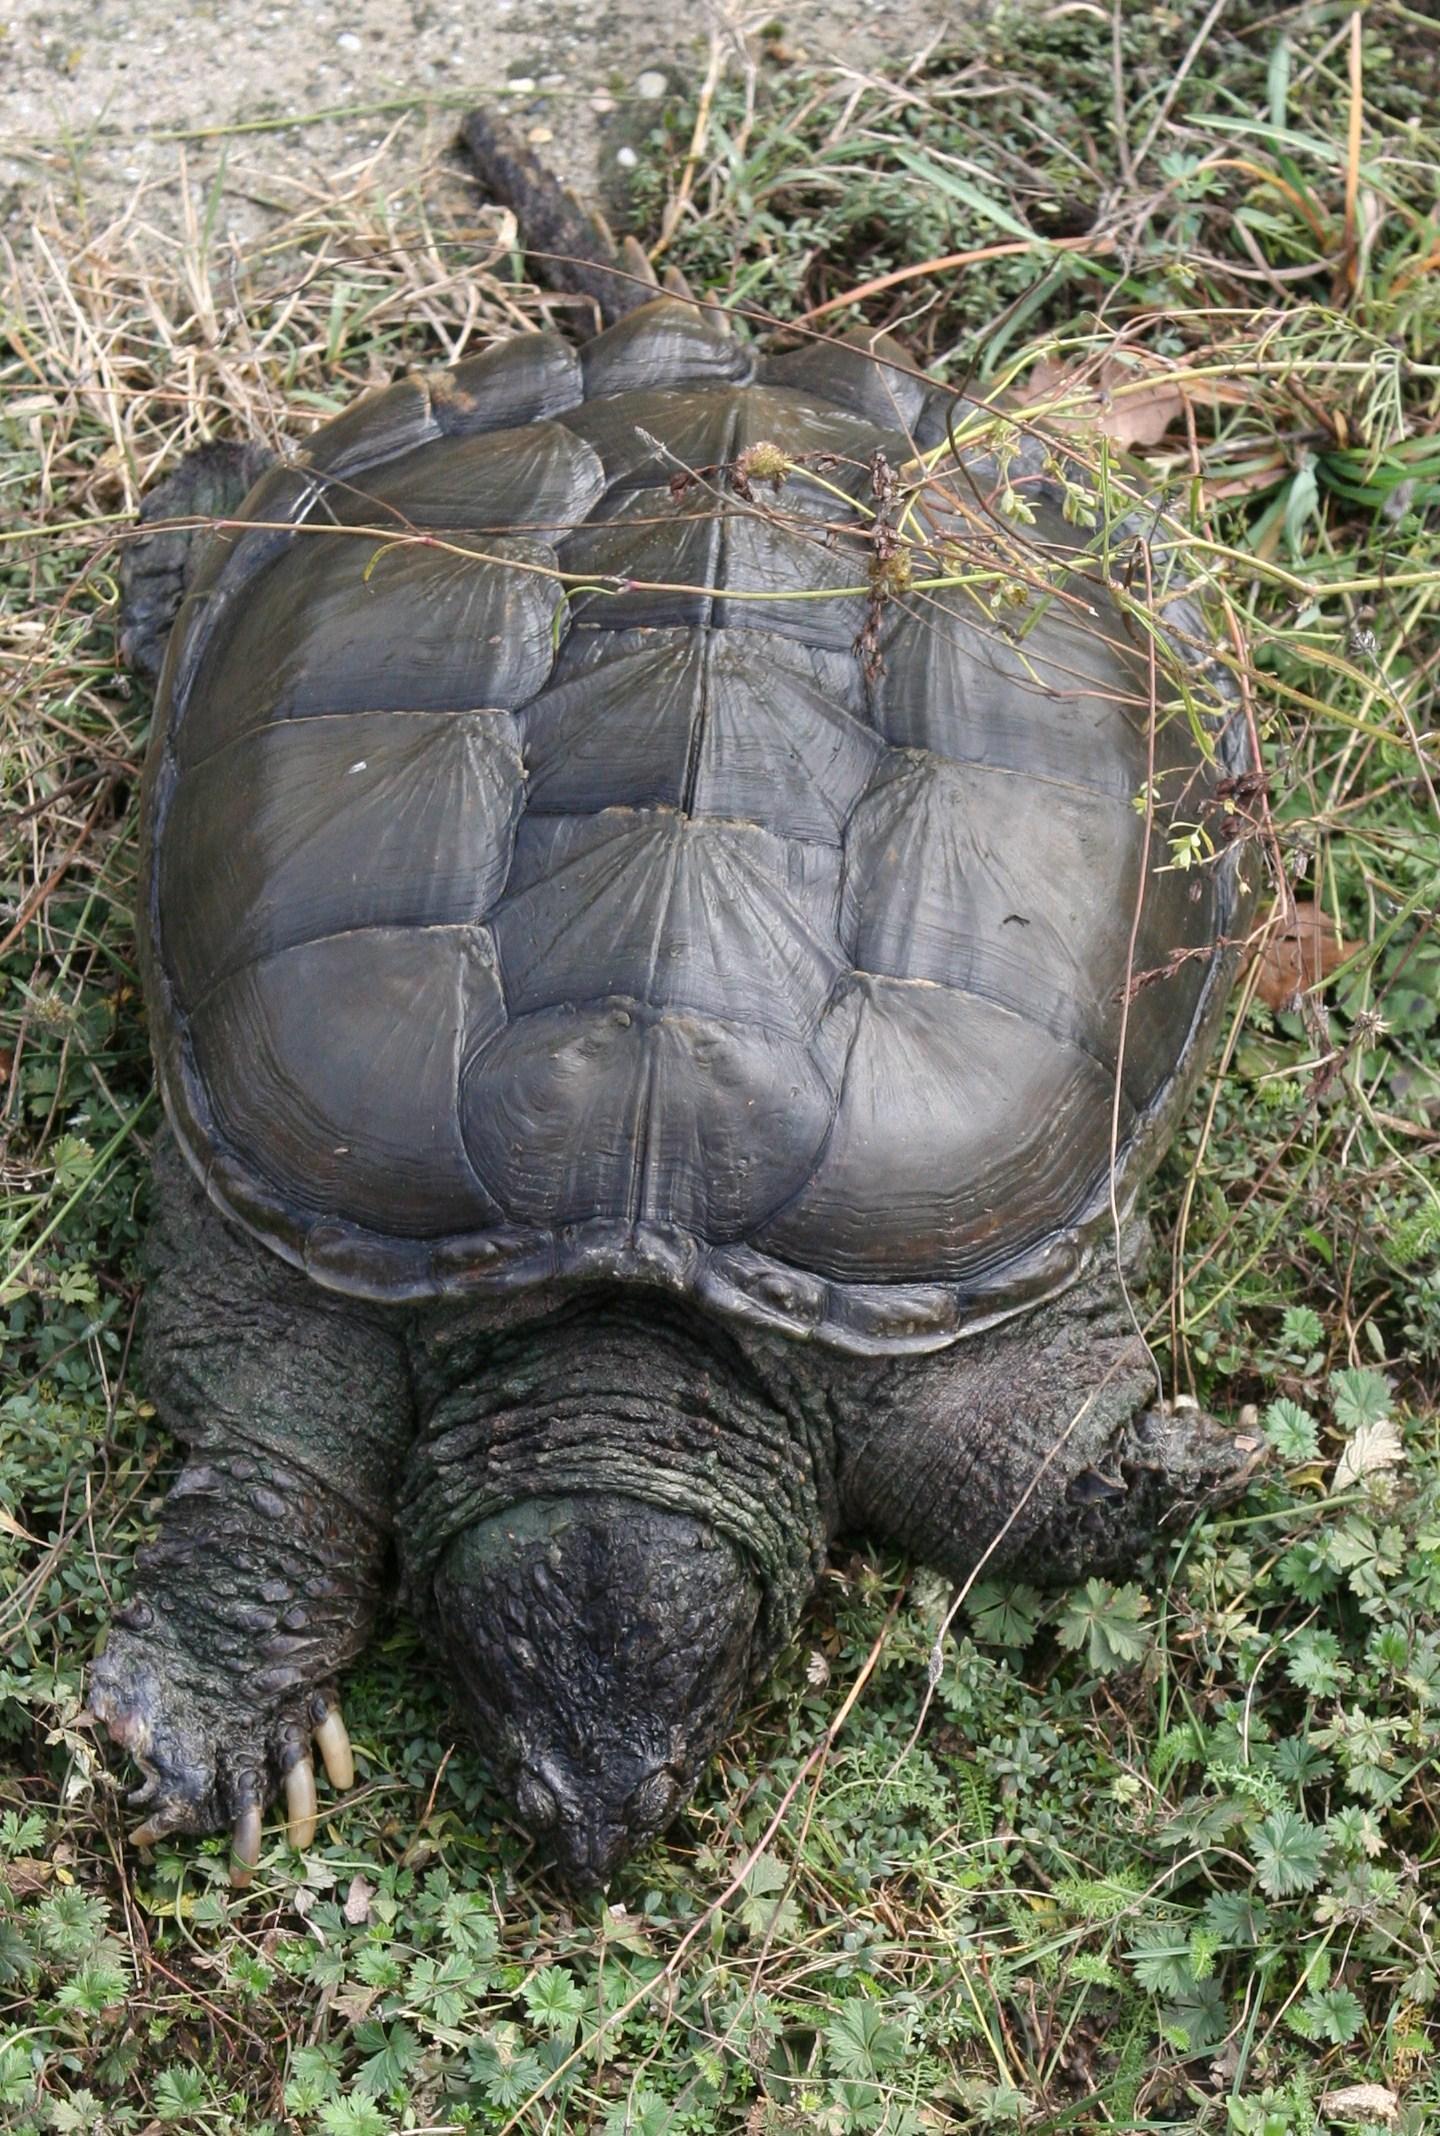 Ugye emlékeznek a hírekből a krokodil teknősre? Egyáltalán nem háziállatnak való. Ha egy kifejlett példány mérete nem is lenne elrettentő, ott van a harapása amely igencsak erős. Nagyon. Egyébként dögevő az aranyos és igen jól érzi magát a menhelyen!